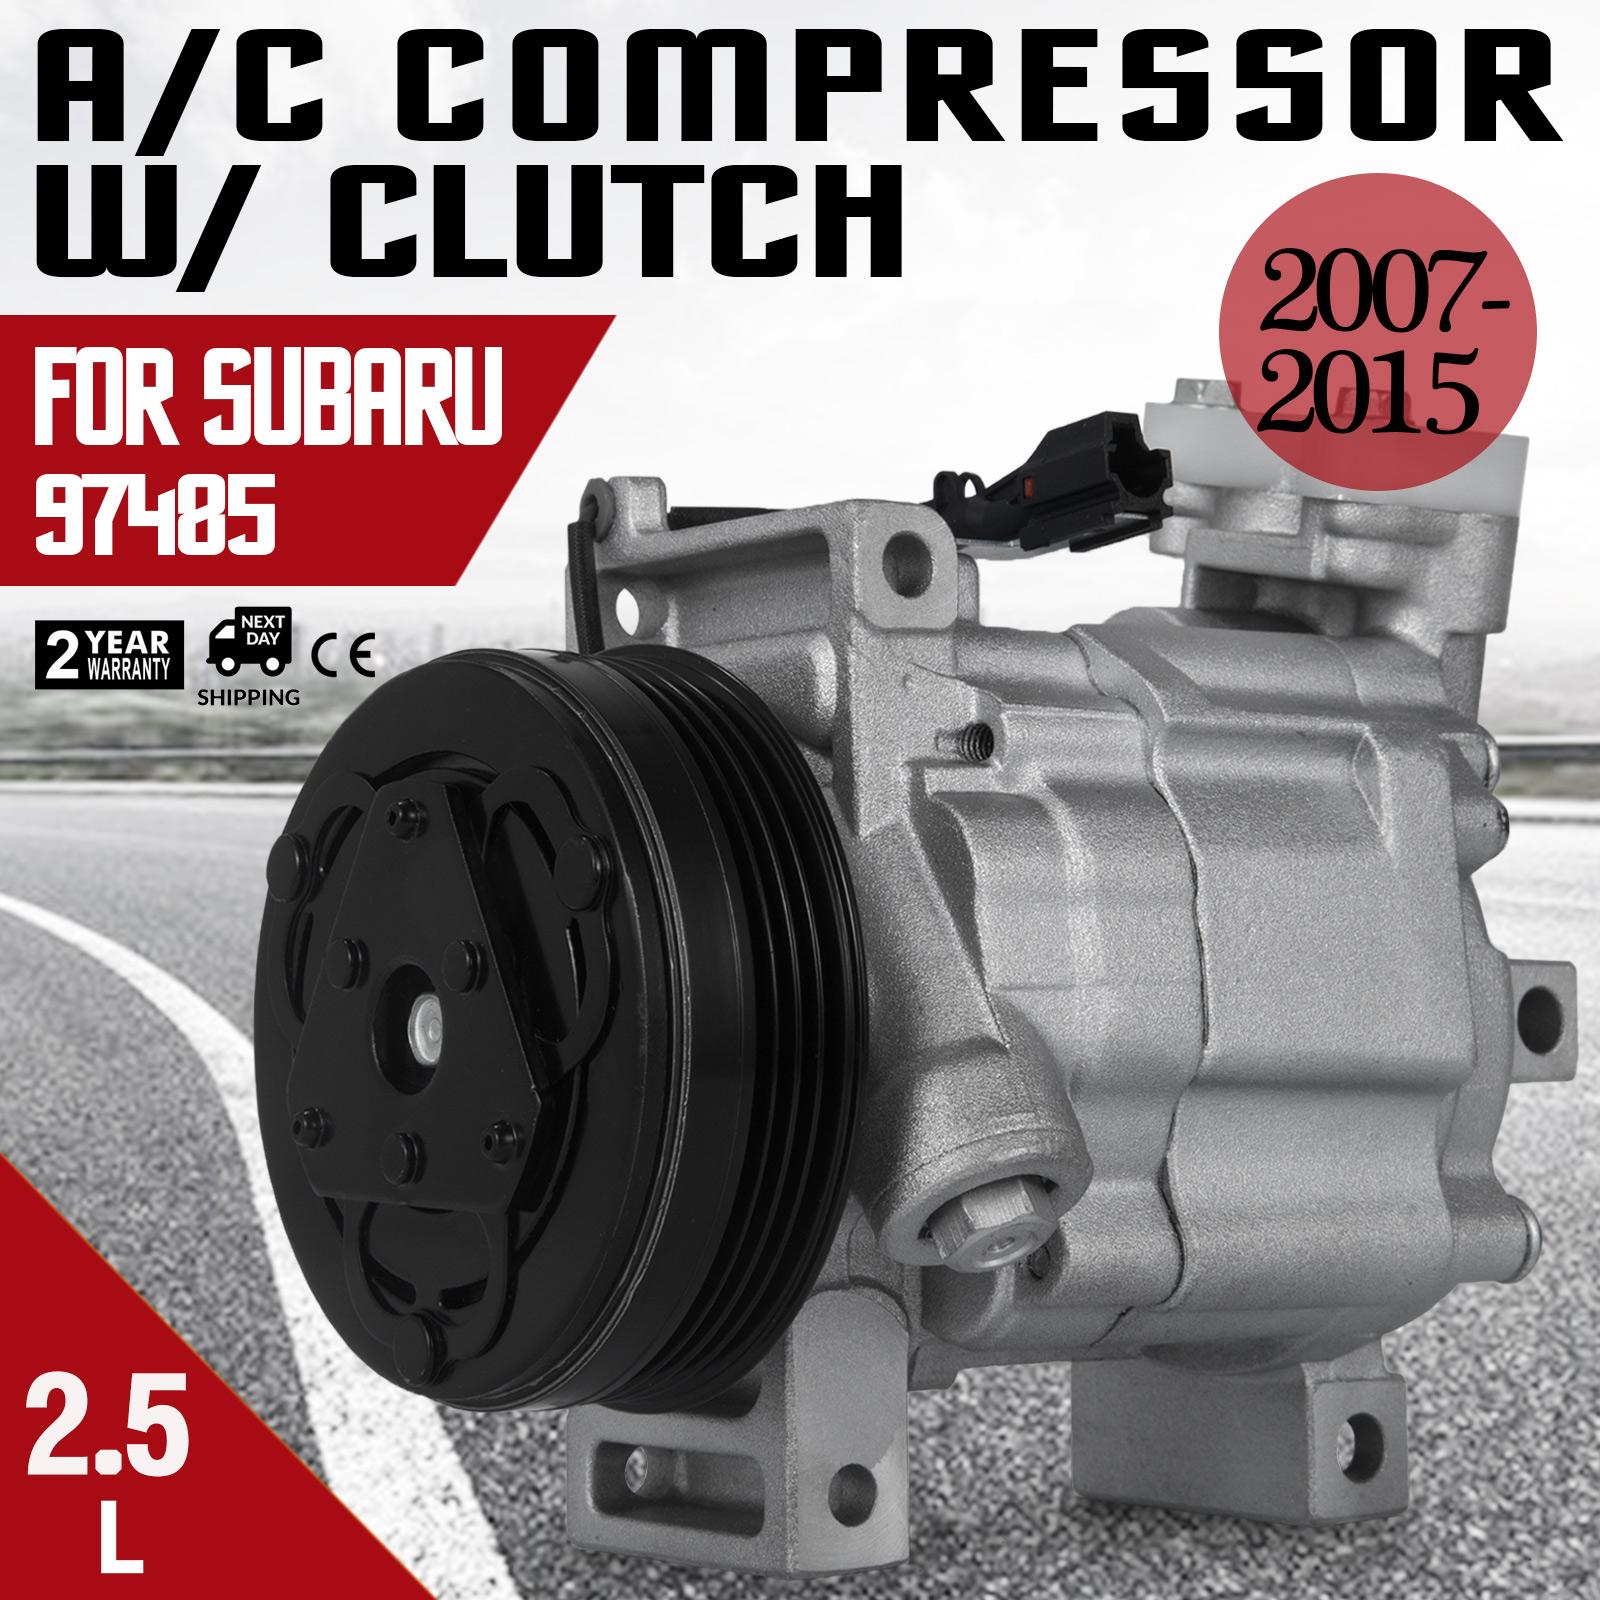 2015 subaru wrx clutch warranty